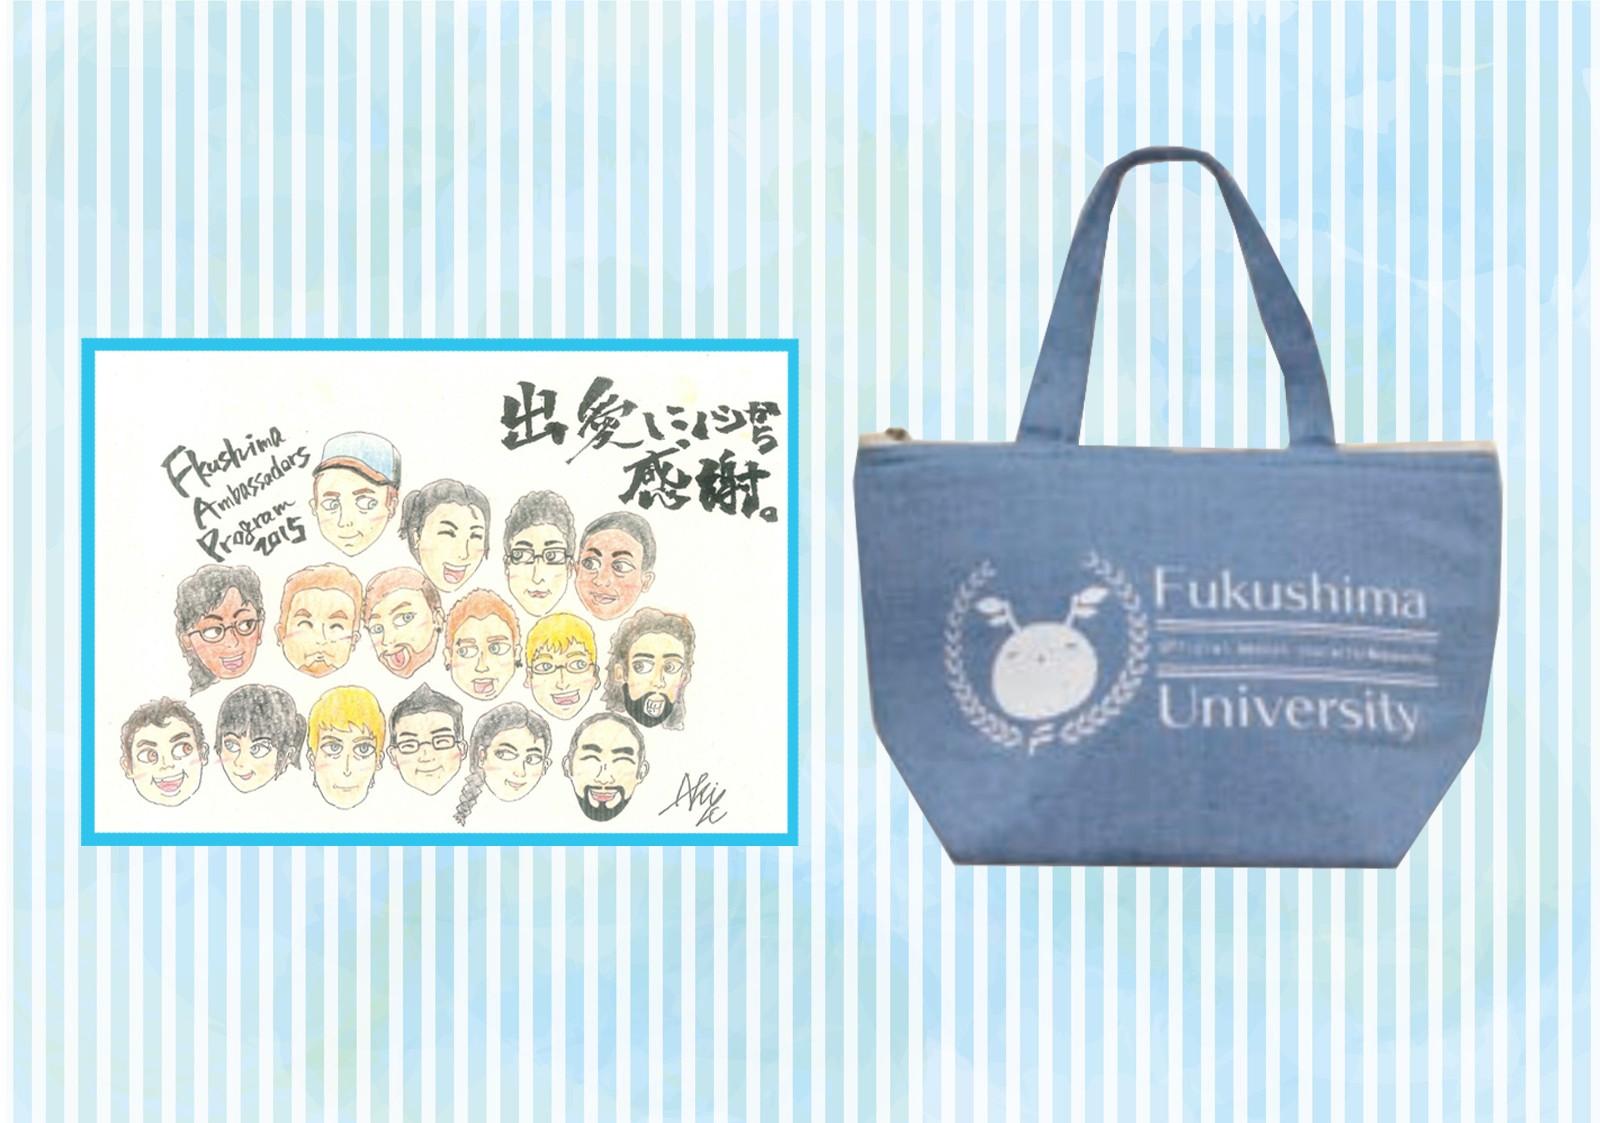 ・福島大学キャラクターめばえちゃんのイラスト入り保冷バック(H200×W300×D130mm) ・参加学生からの感謝状 皆様からのご支援に感謝を込めて、感謝状をお送りします。このプログラムを応援してくださった方々へ、母国語や英語、日本語で、感謝の気持ちを伝えたいと思います。 手作りの感謝状となりますが、学生各々の思いをお伝えしたいと思います。 ※リターンは9月下旬までに発送を予定しております。